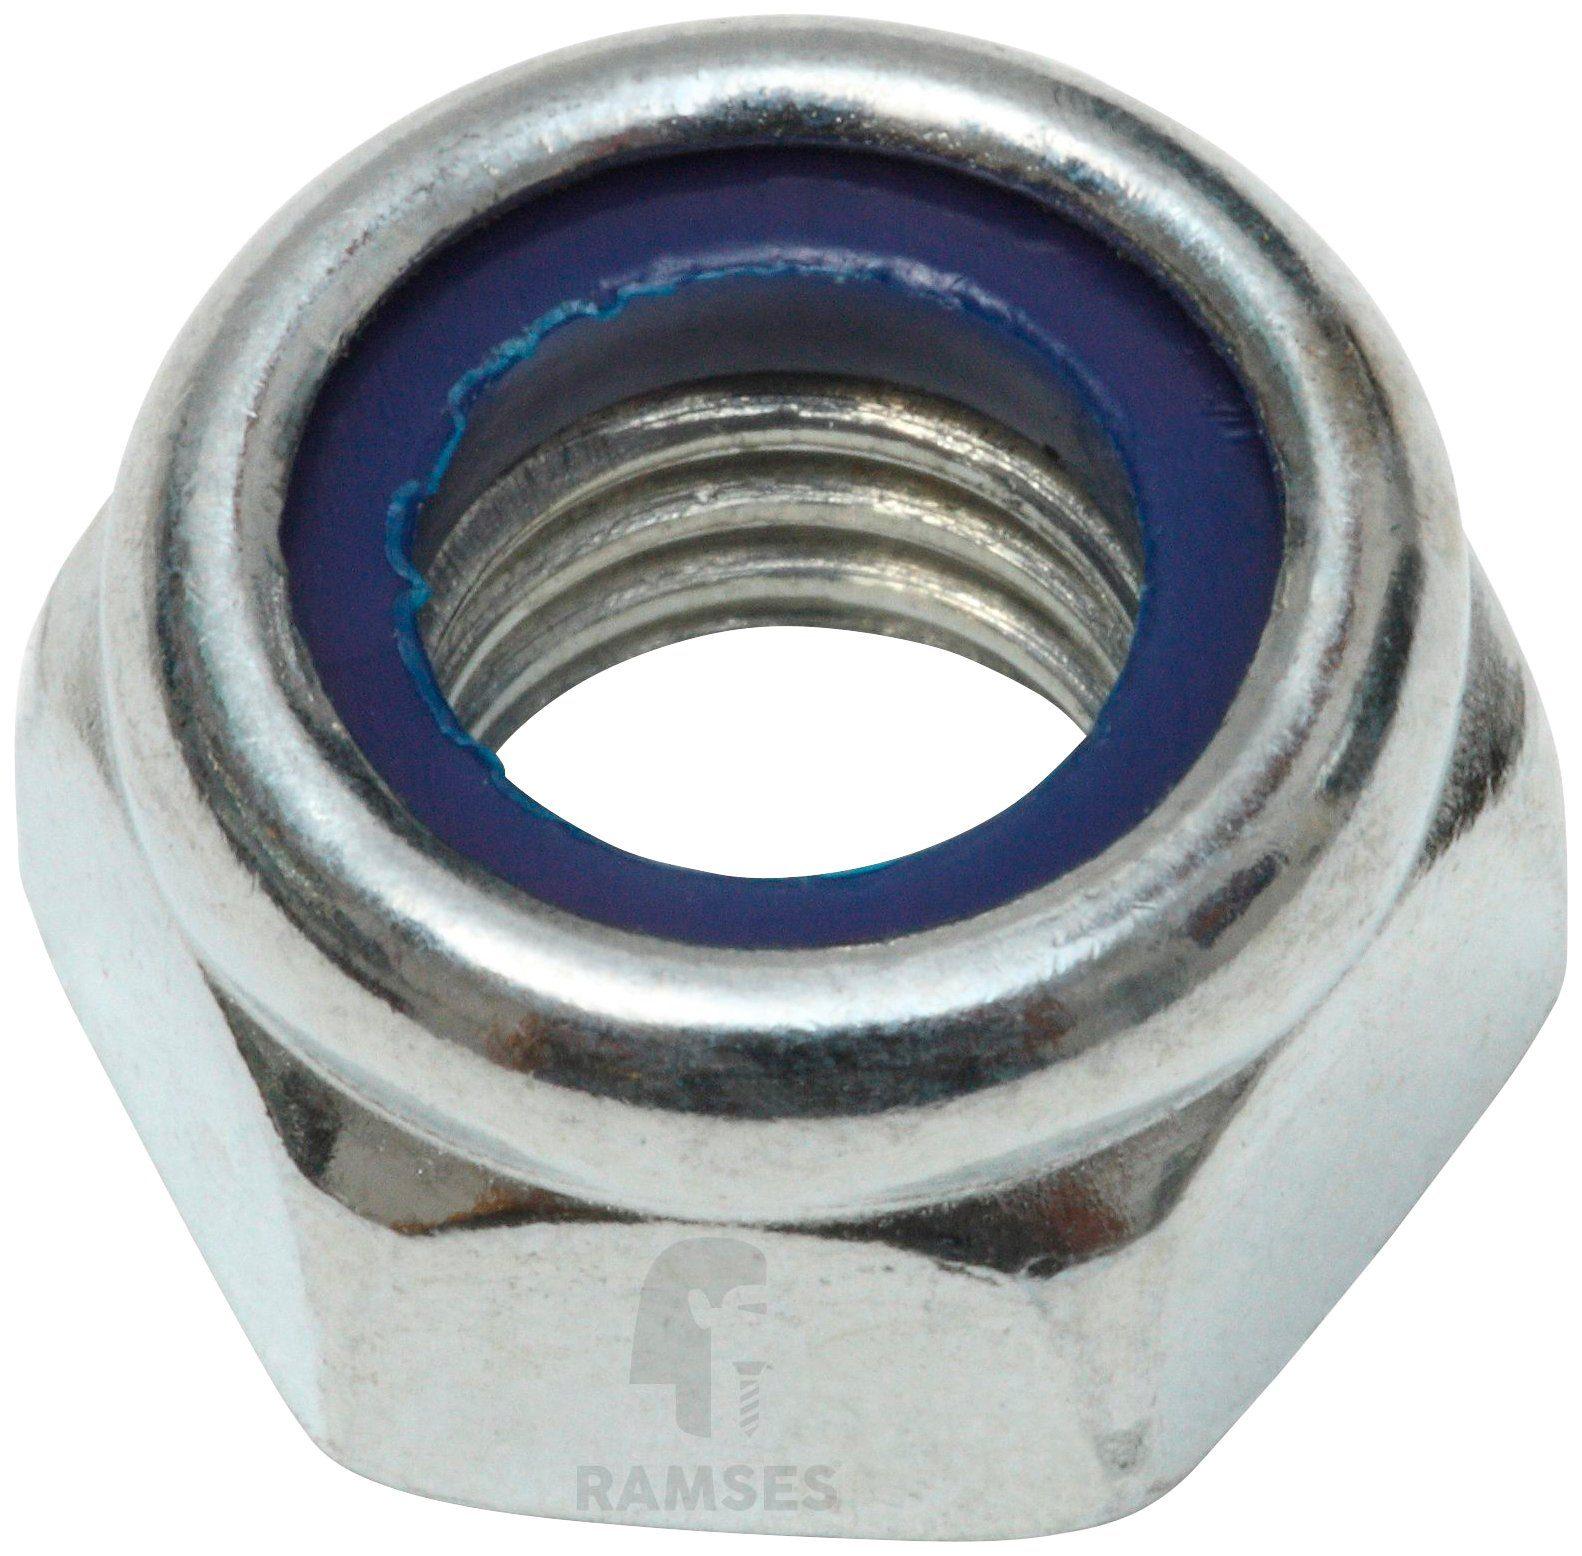 RAMSES Sicherungsmutter , (Kunststoffring) DIN 985 M20, 25 Stück